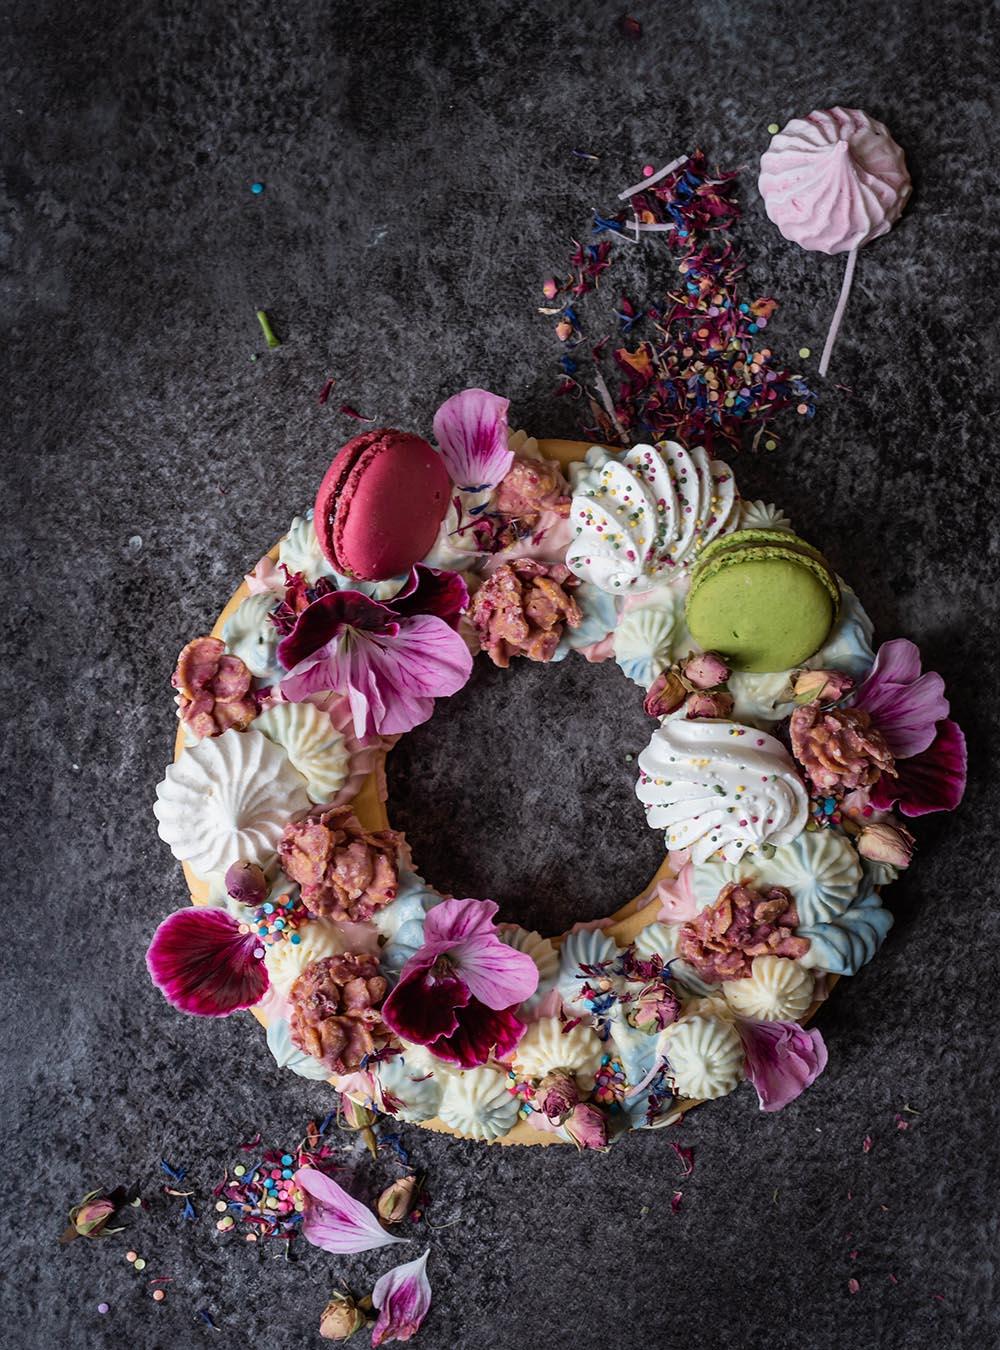 Frühlings Cream Cake - mein Number Letter Cake in der Oster- und Ganzjahres-Version - Rezept für Oster Cream Cake